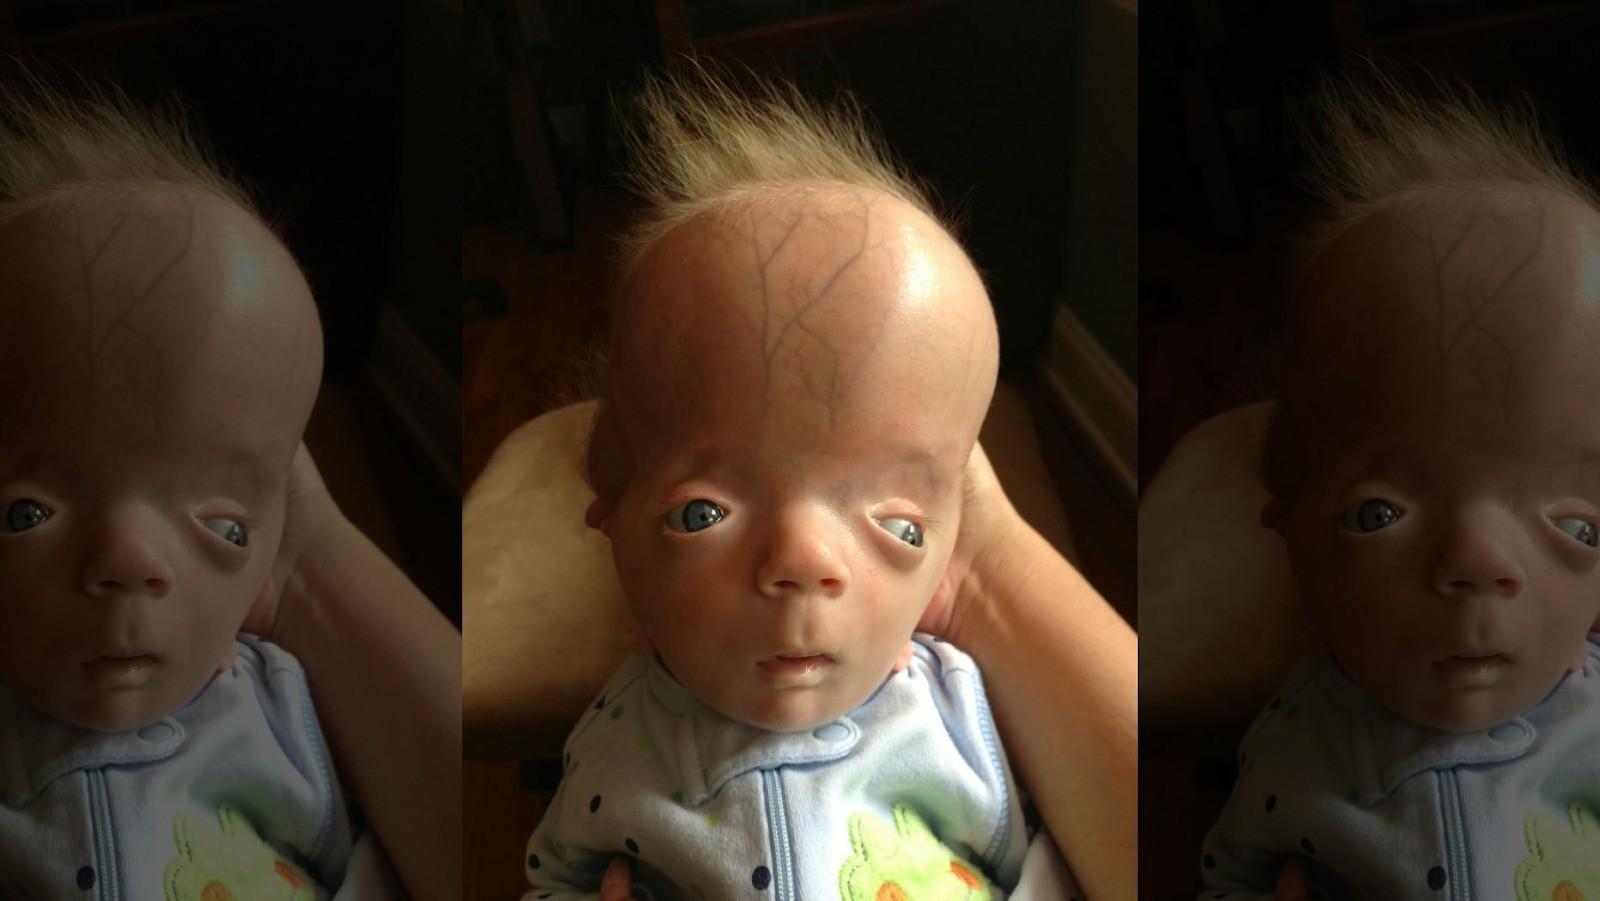 Nằm trong bụng mẹ khỏe mạnh, bé trai chào đời với hình hài kỳ lạ khiến gia đình sợ hãi và hội chứng duy nhất chỉ có mình em mắc phải - Ảnh 2.